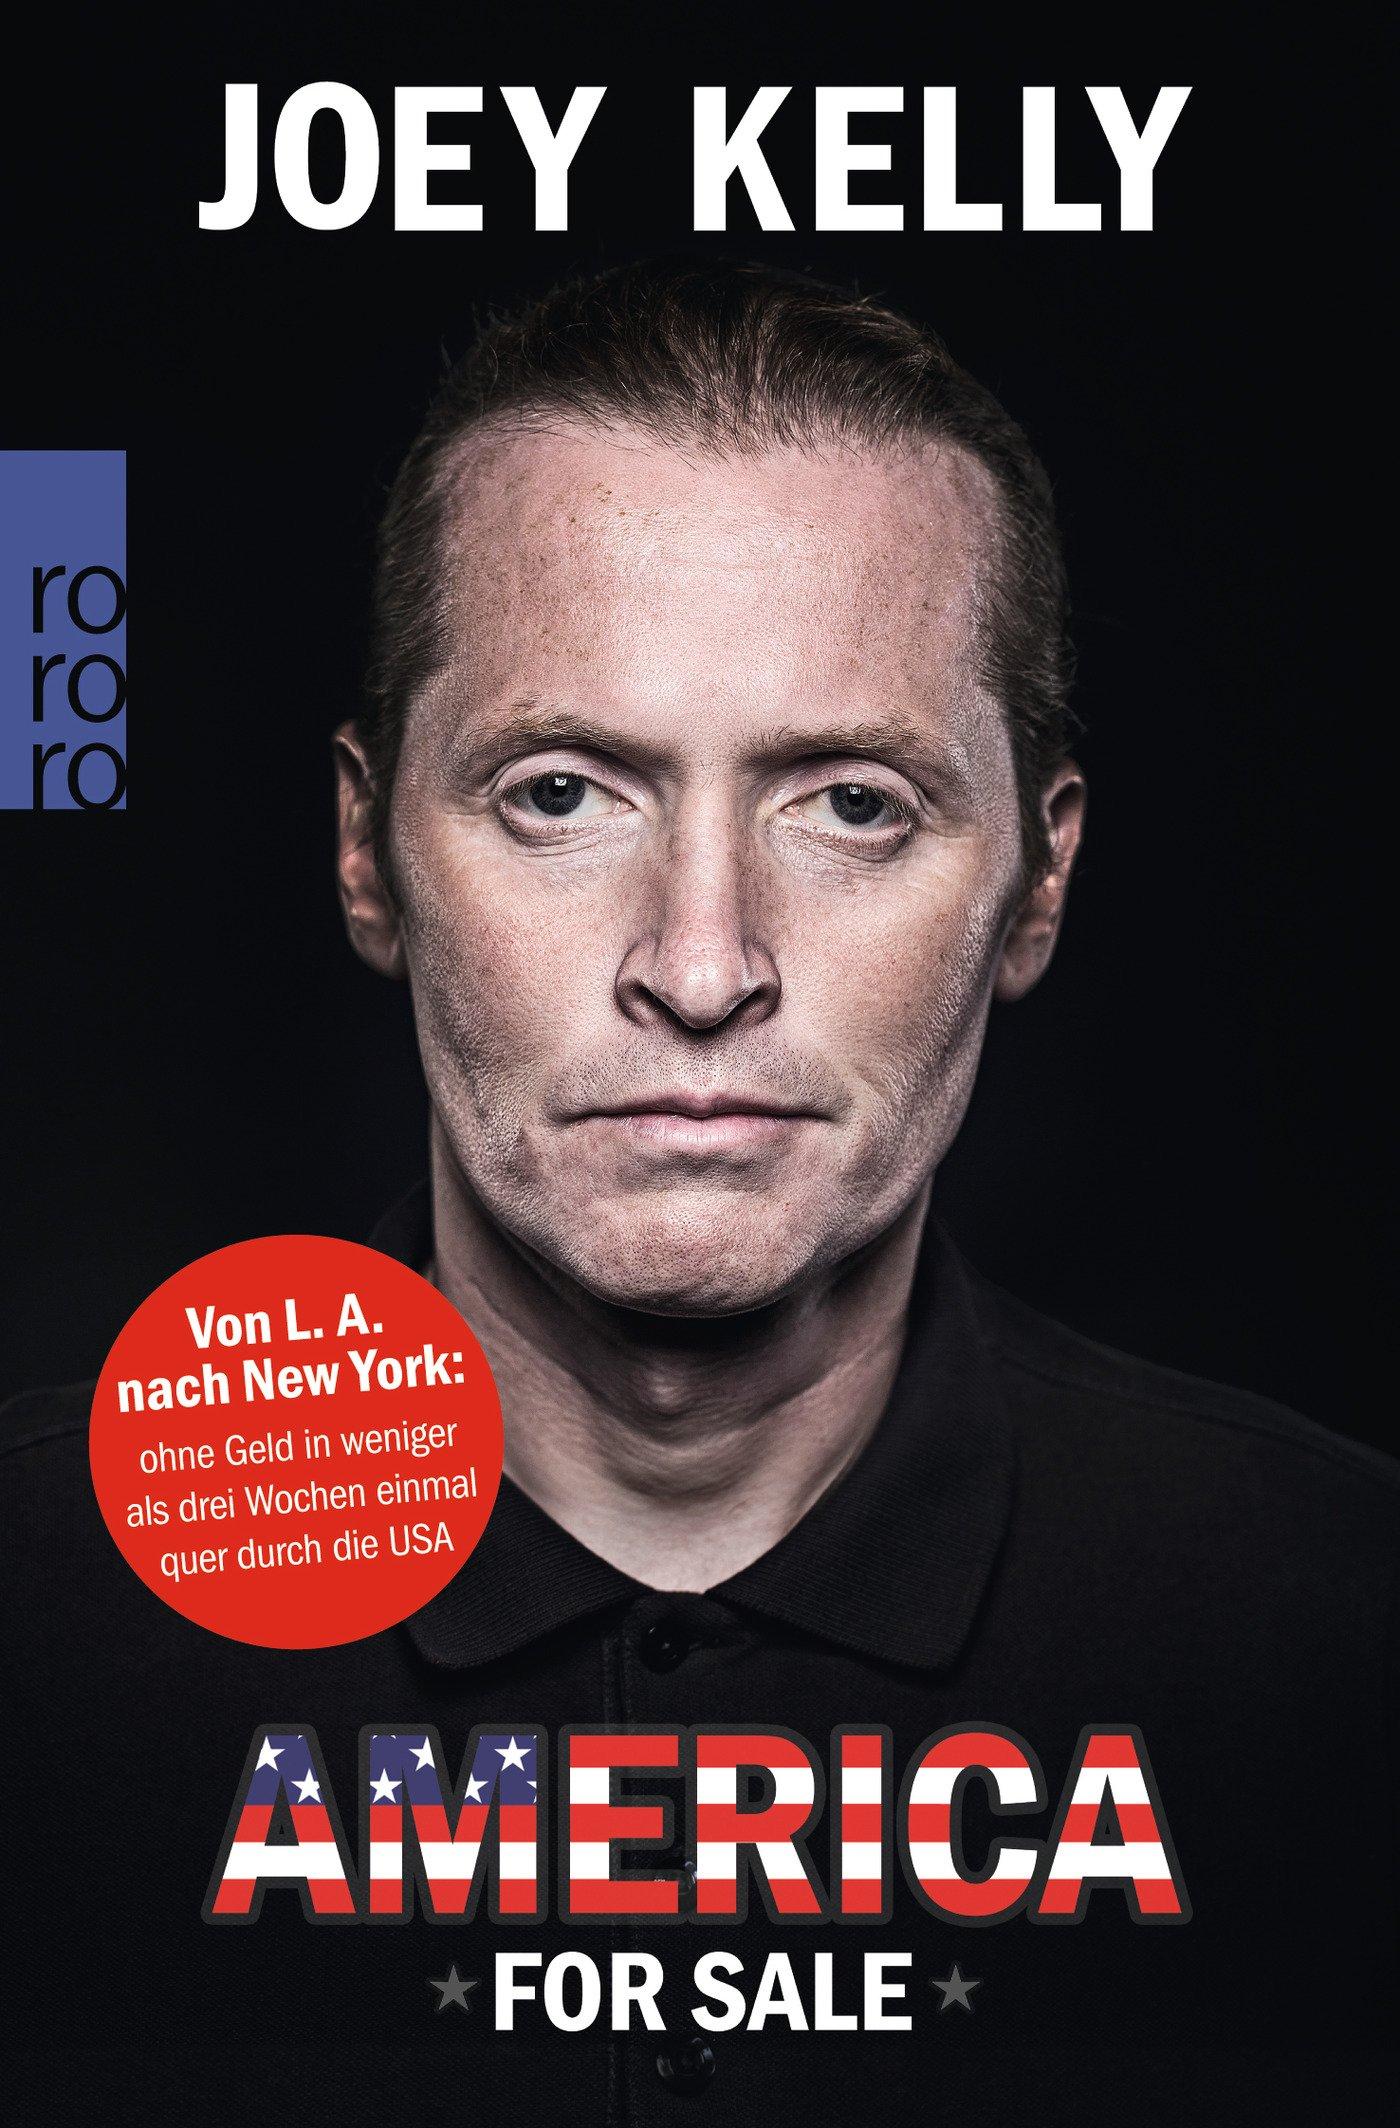 America for Sale: Von L. A. nach New York: ohne Geld in weniger als drei Wochen einmal quer durch die USA Taschenbuch – 1. Oktober 2014 Joey Kelly Ralf Hermersdorfer Rowohlt Taschenbuch 3499629313